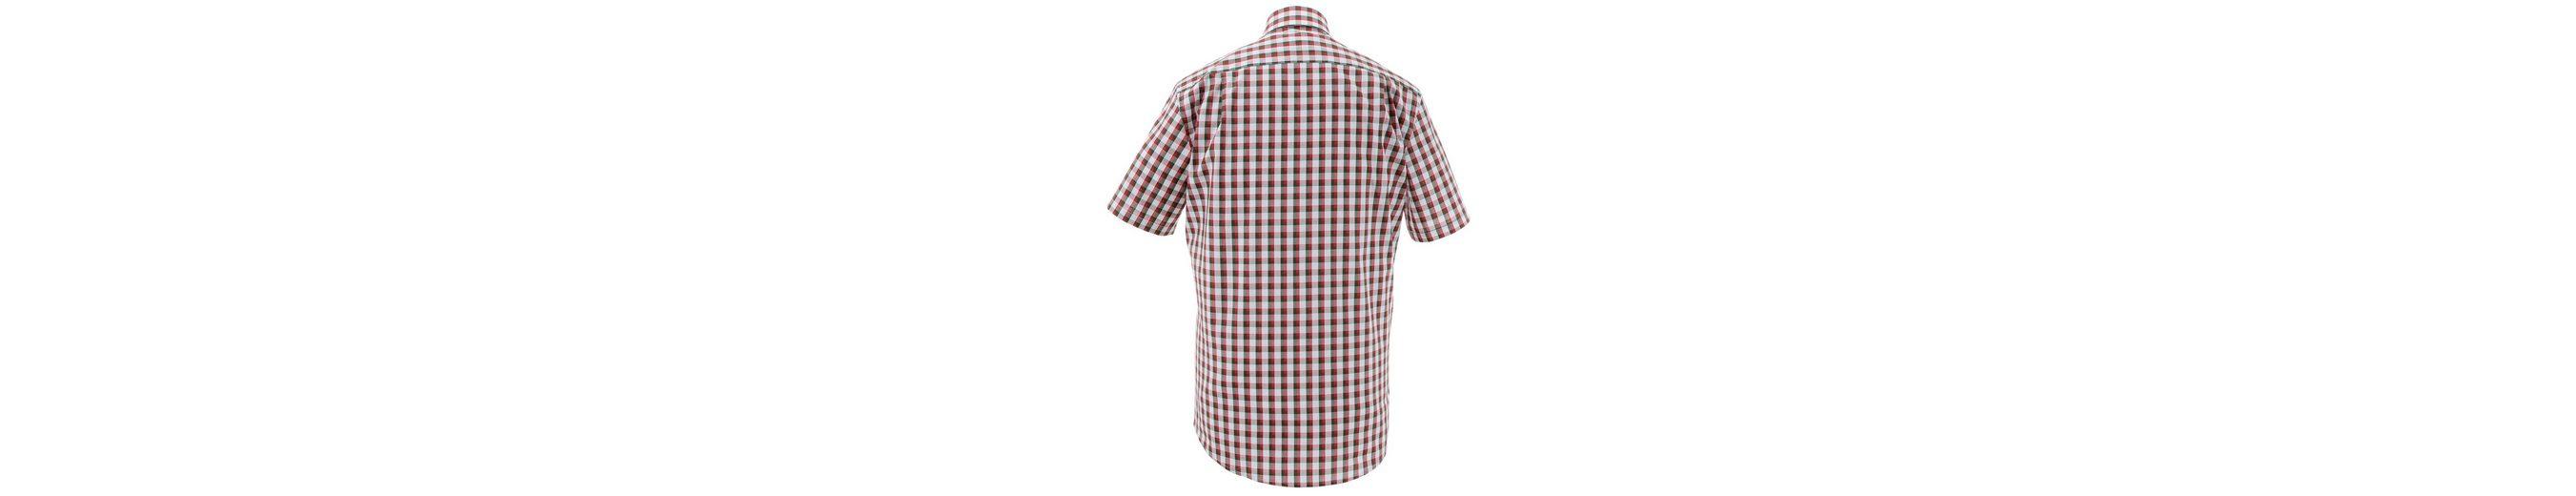 kariert Almsach Almsach Trachtenhemd in kariert Farbkombination Trachtenhemd in frischer wxn4nqH